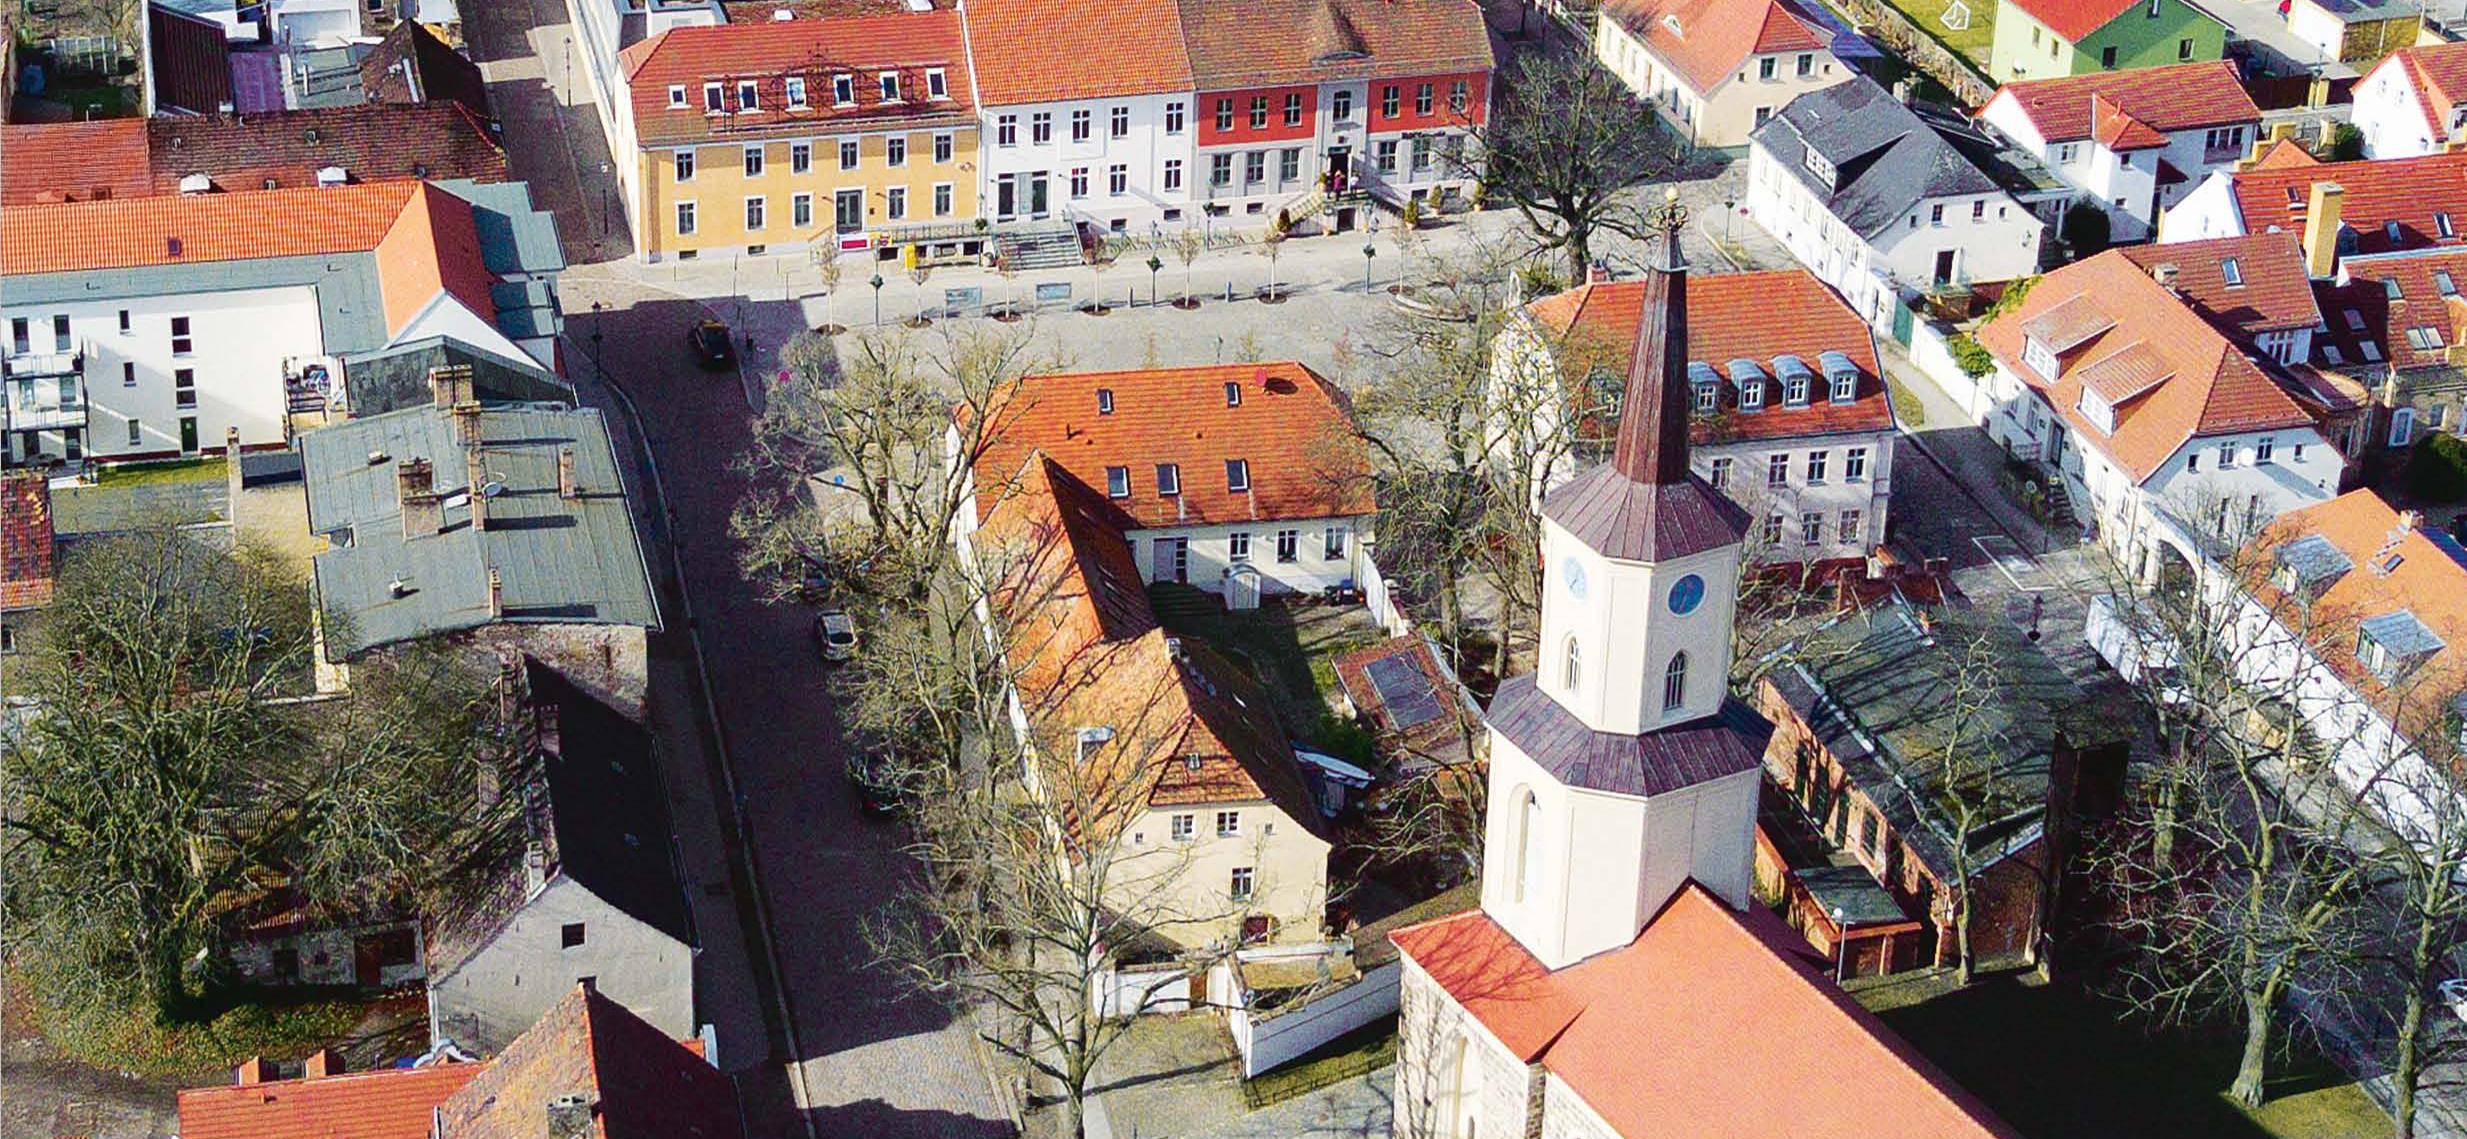 Luftbild Altstadt Teltow